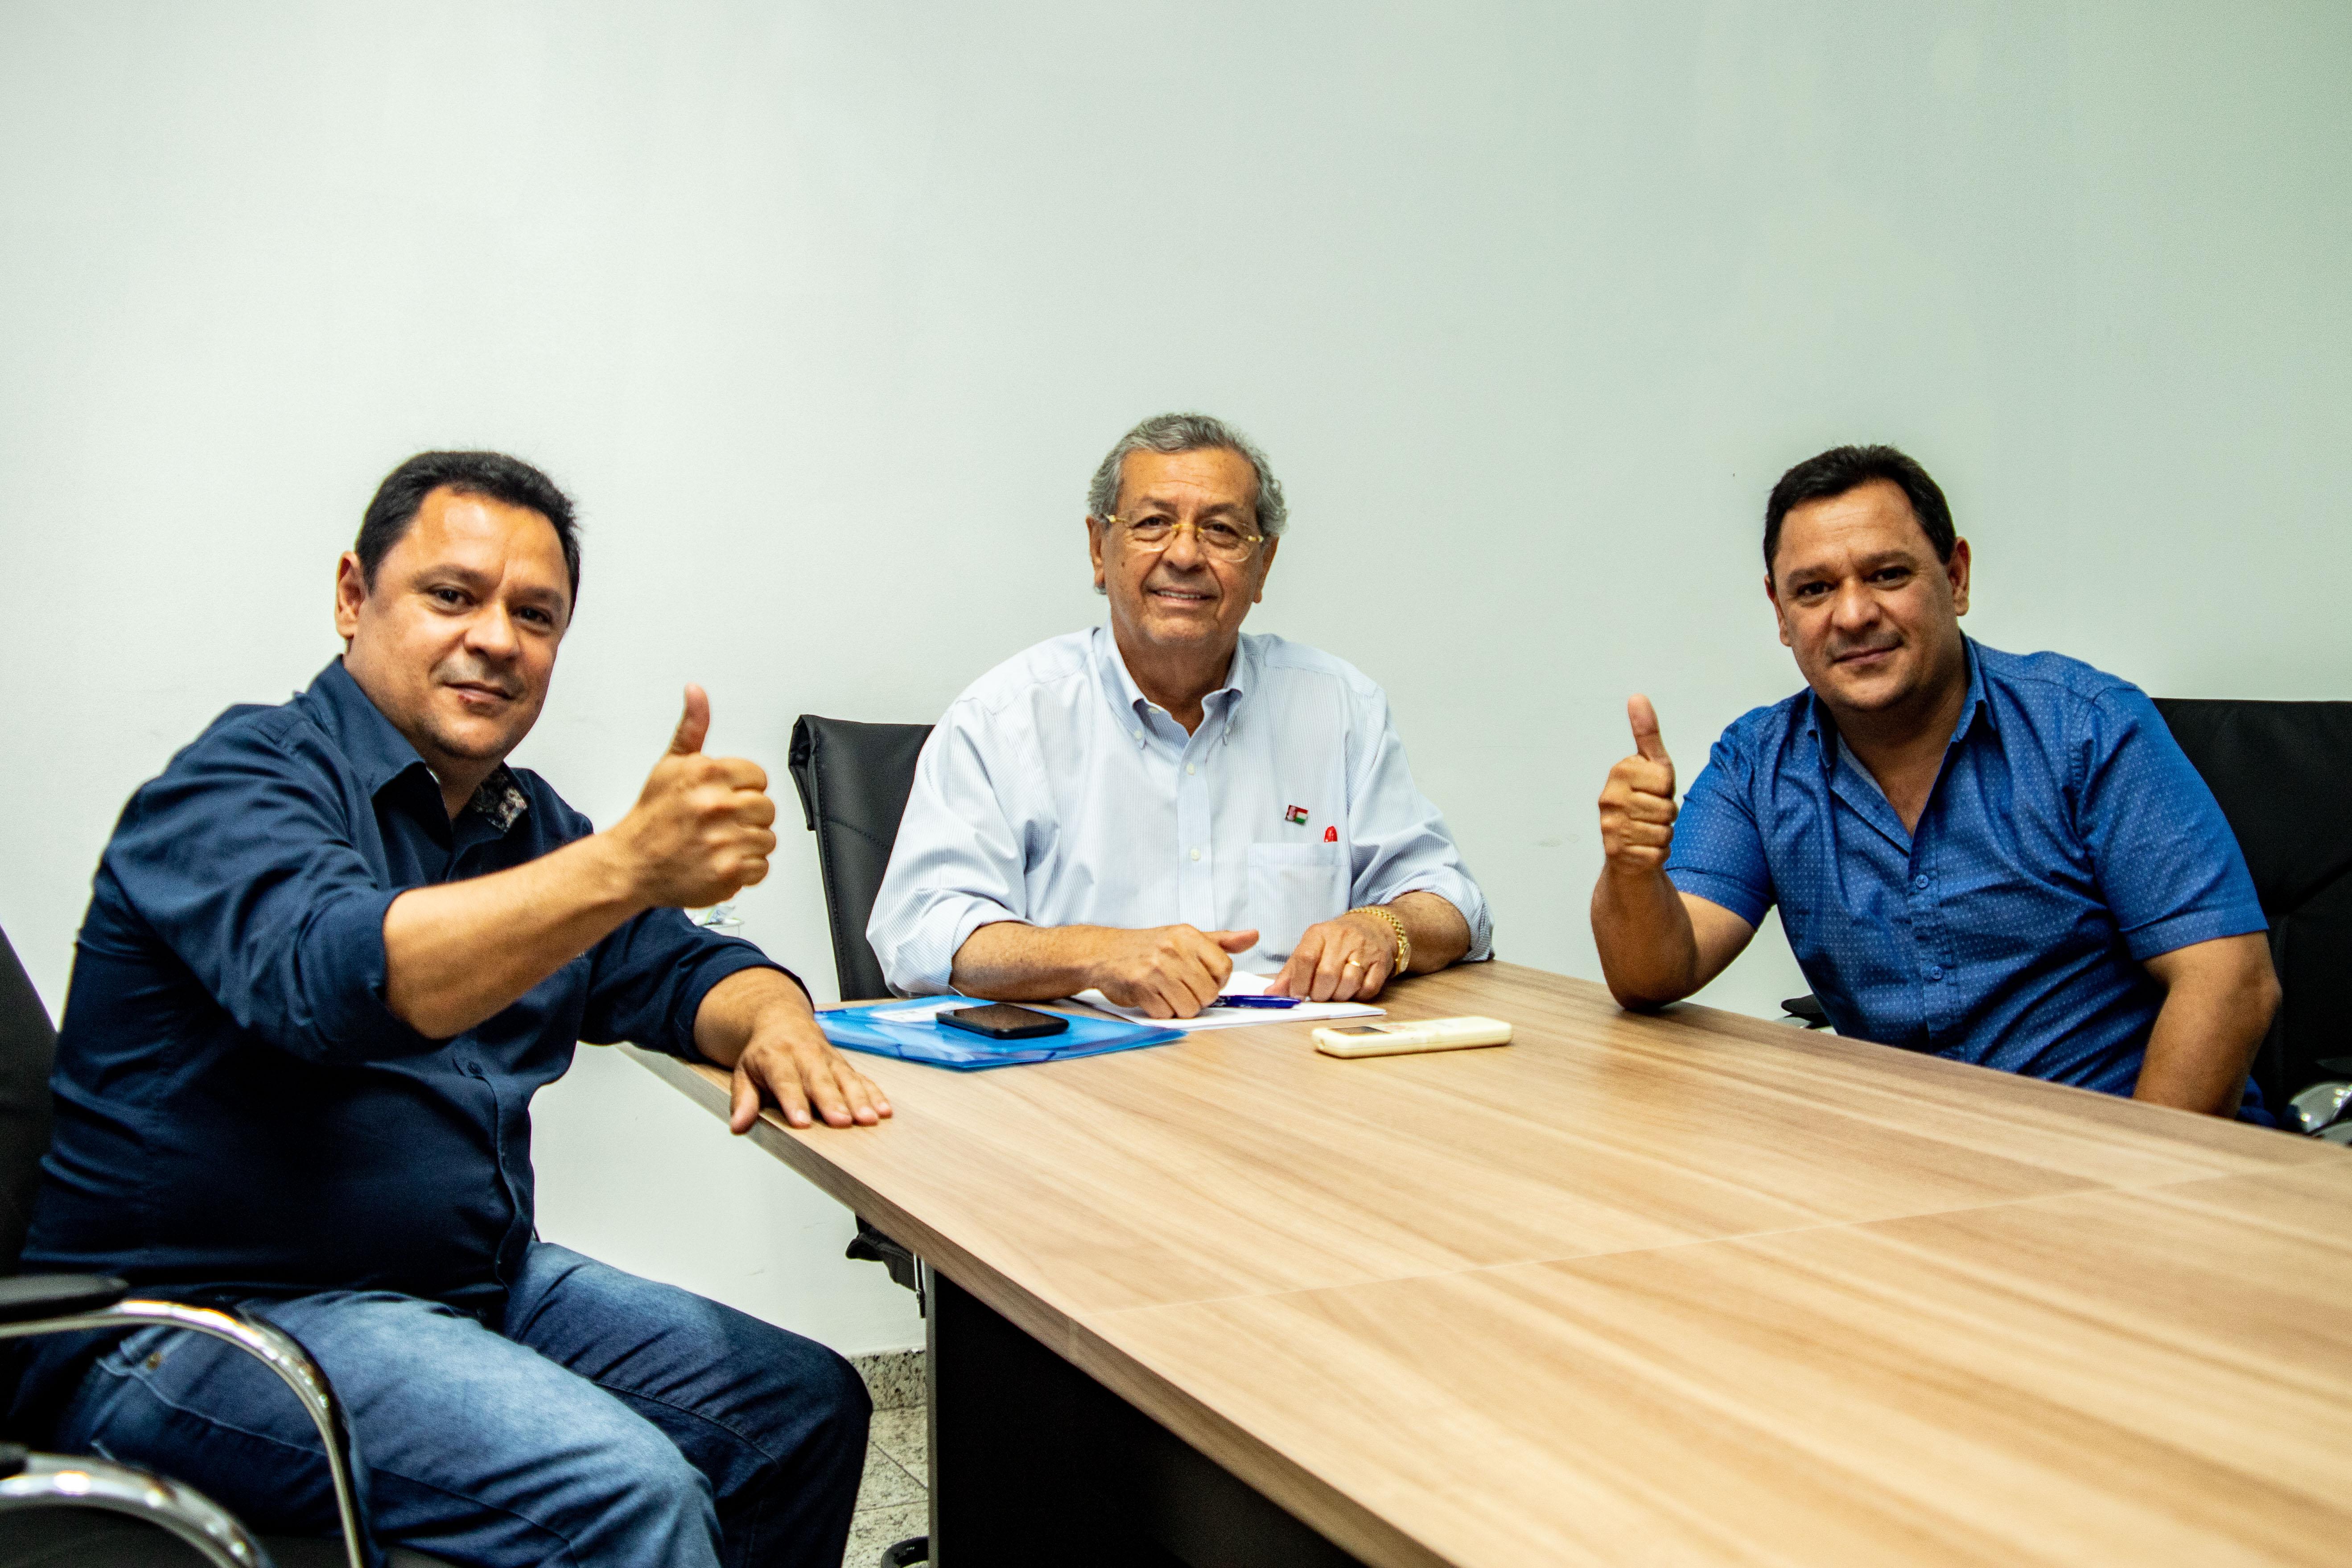 Líder em pesquisas, Jayme Campos reforça projeto com apoio de prefeito tucano